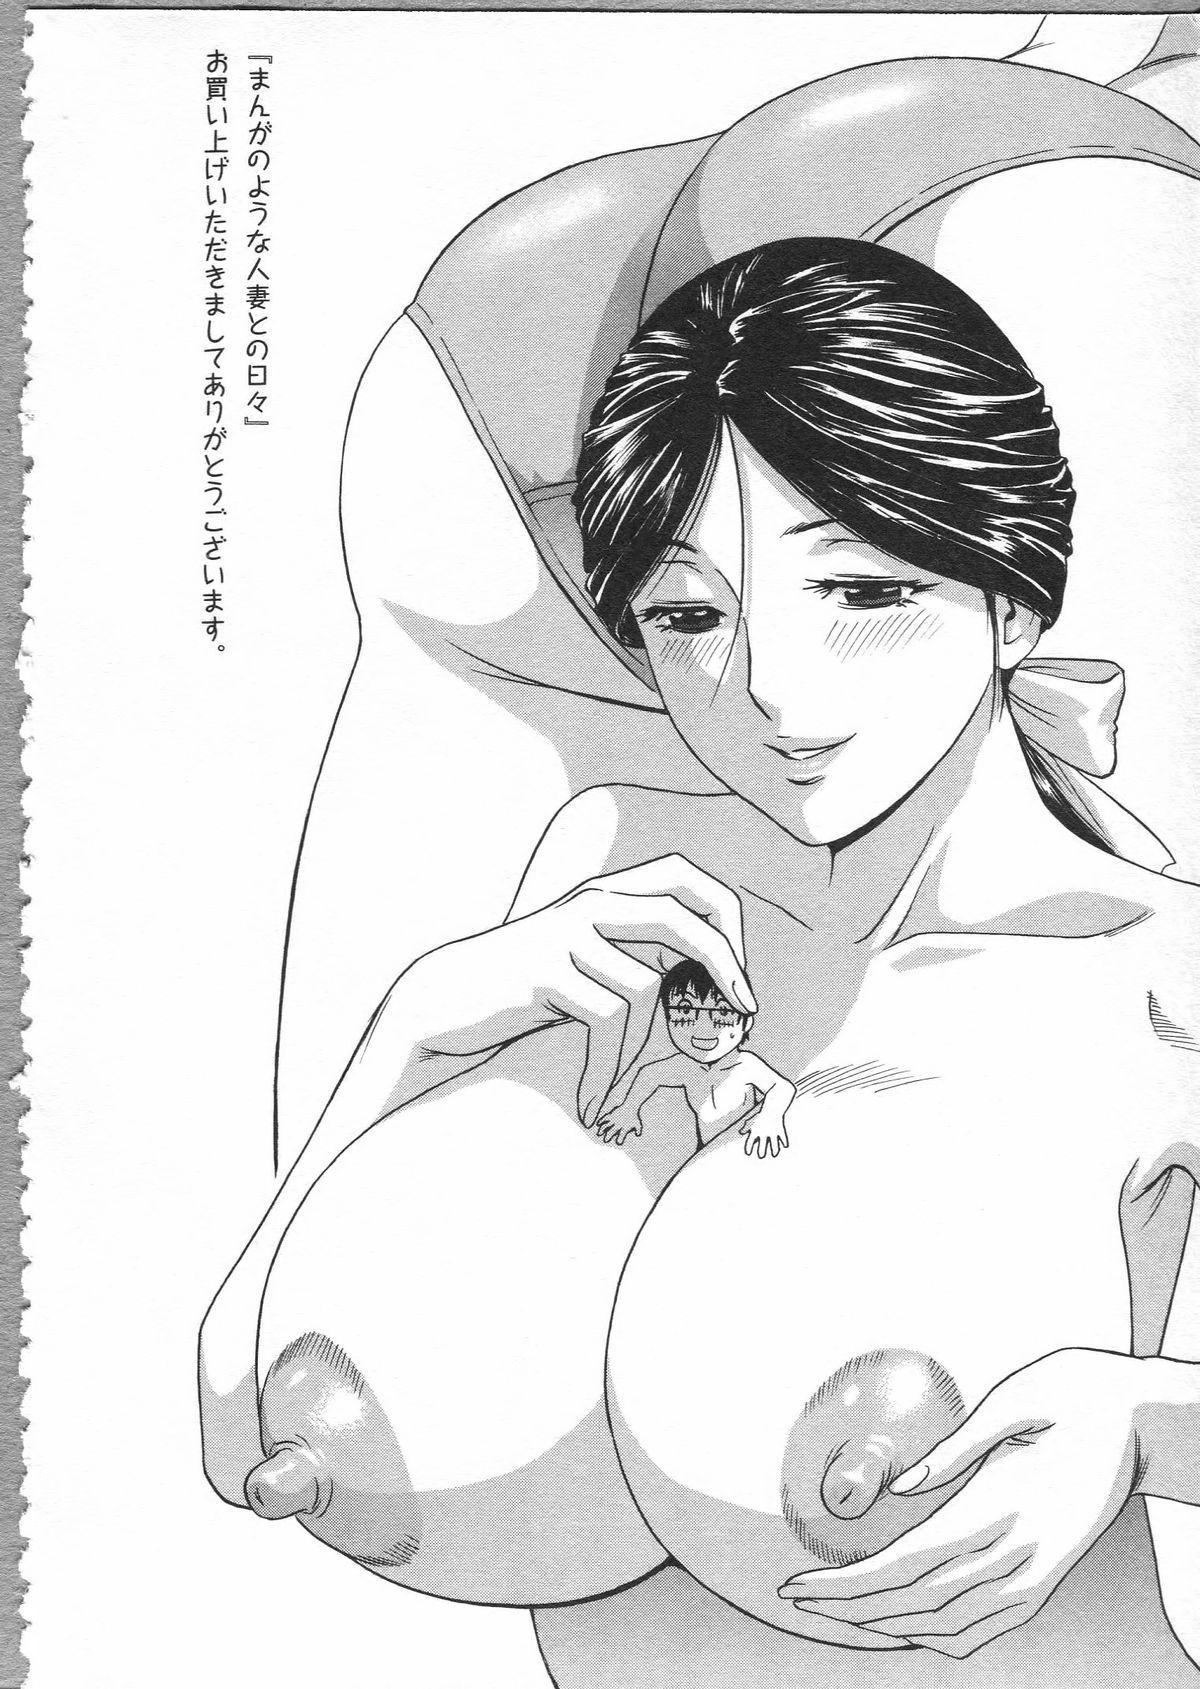 Manga no youna Hitozuma to no Hibi - Days with Married Women such as Comics. 189